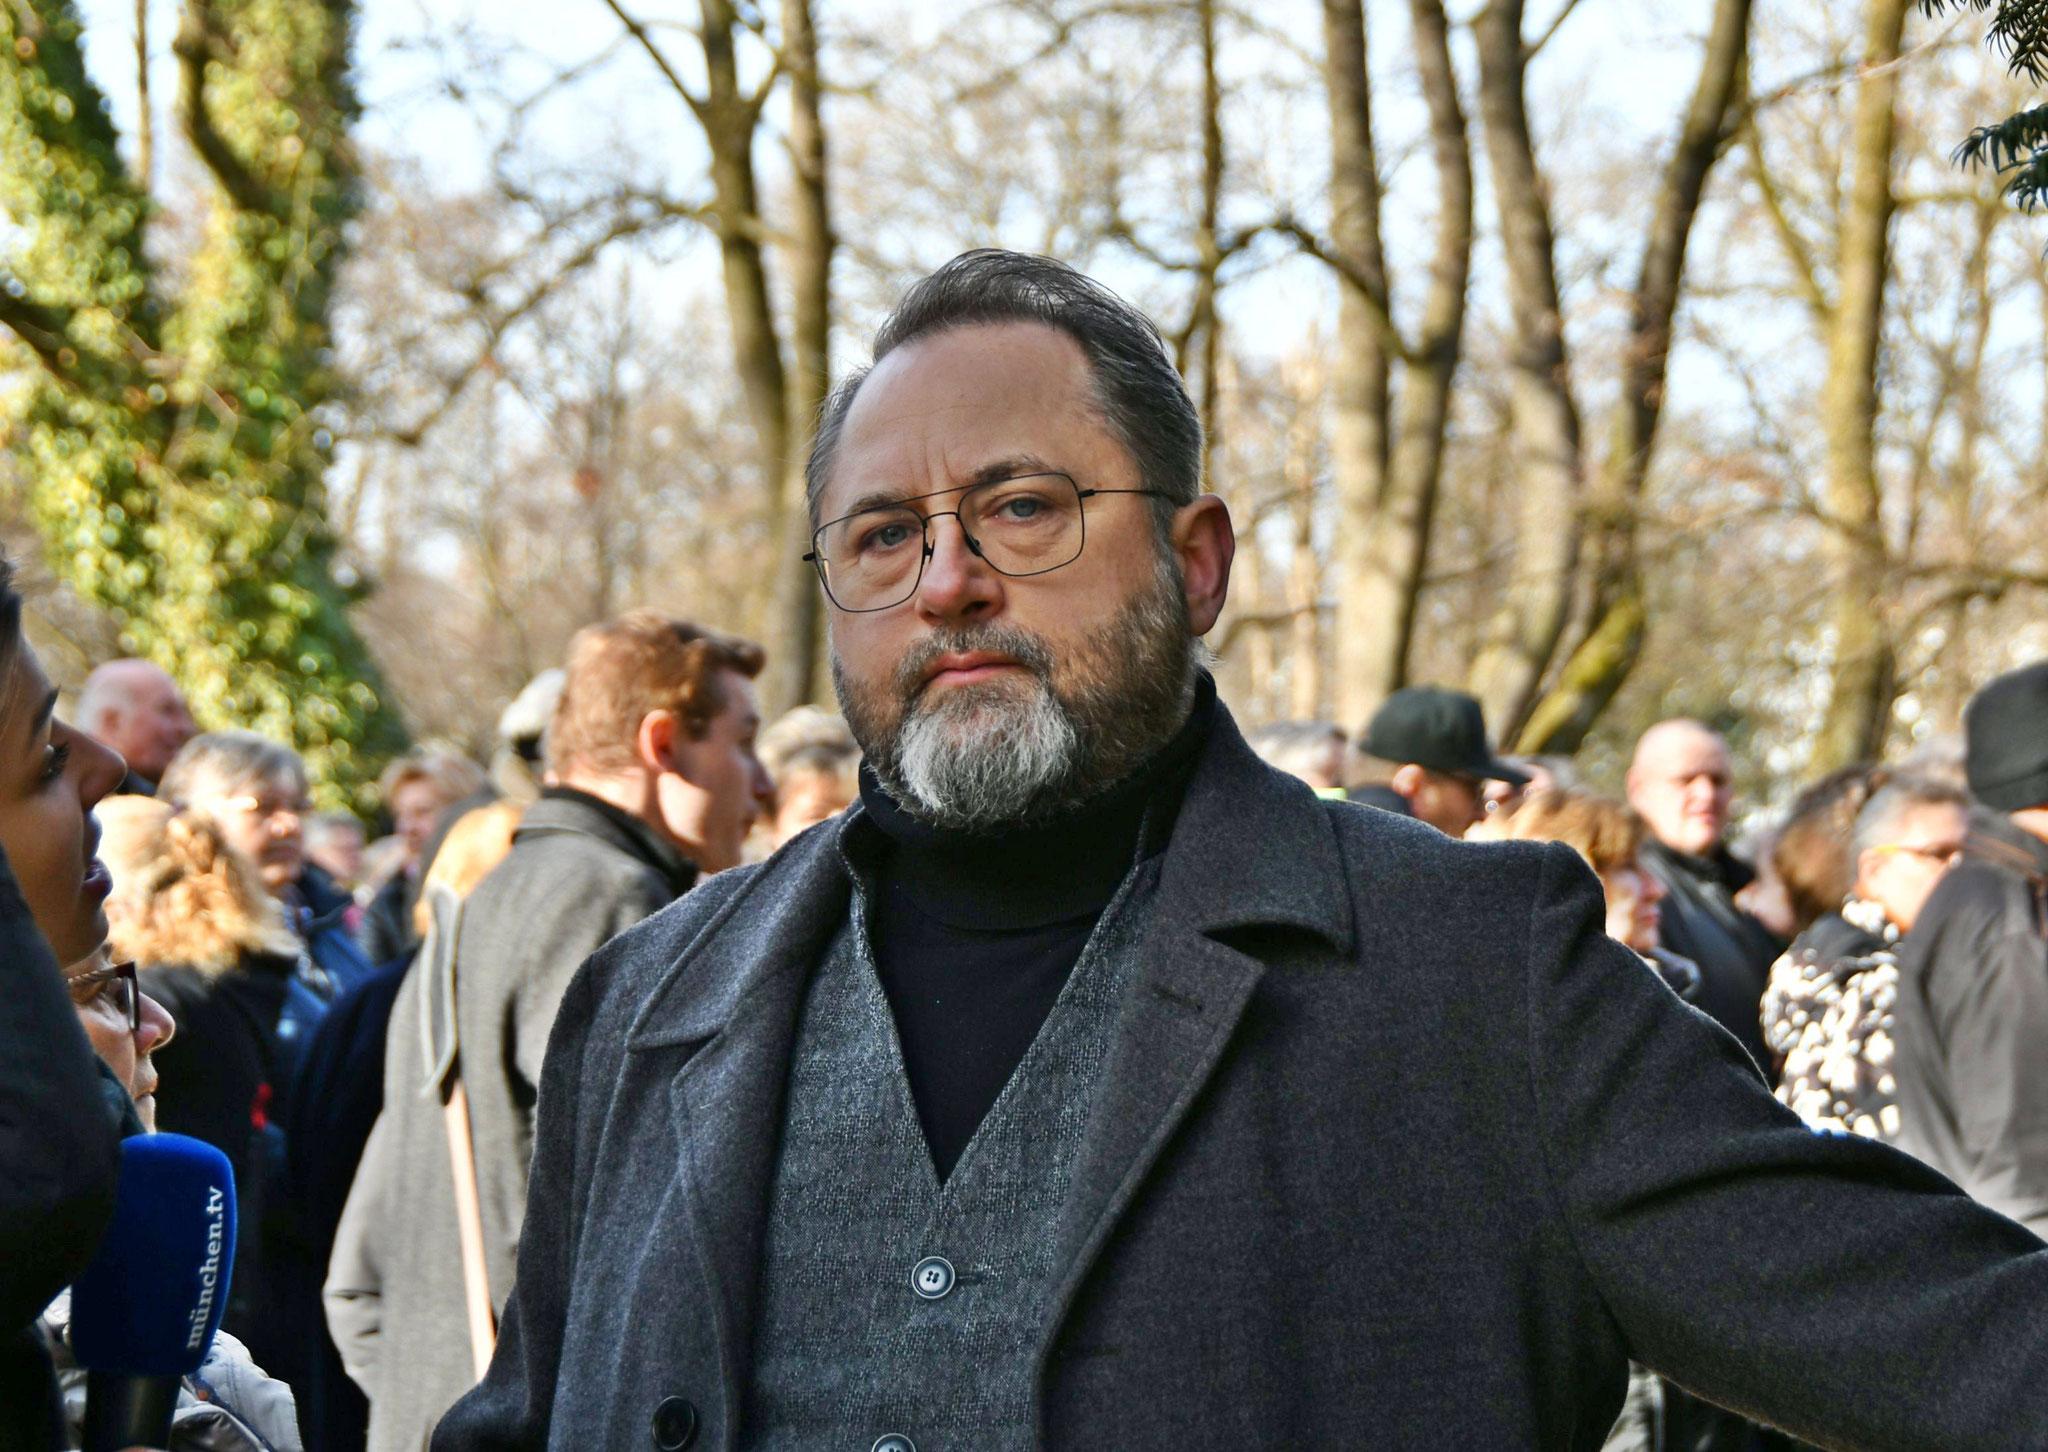 Alex Onken München TV